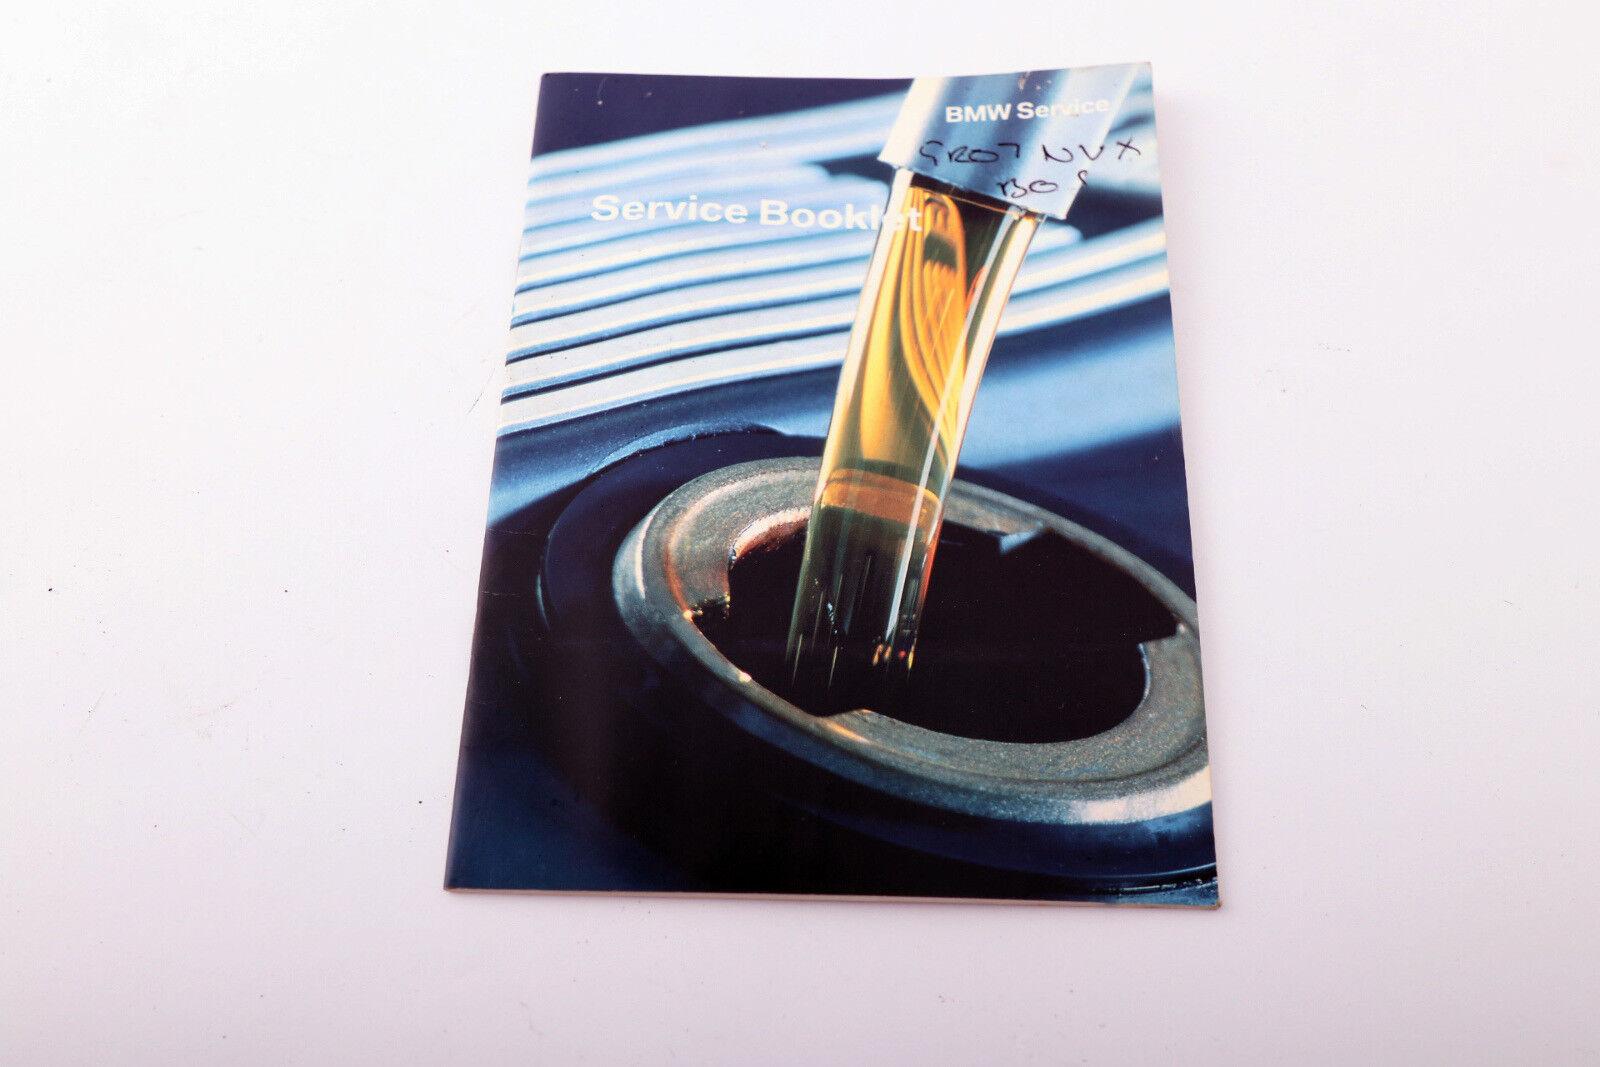 BMW 1 Série E81 E87 LCI Owner/'s Handbook Manual Pouch Wallet Case